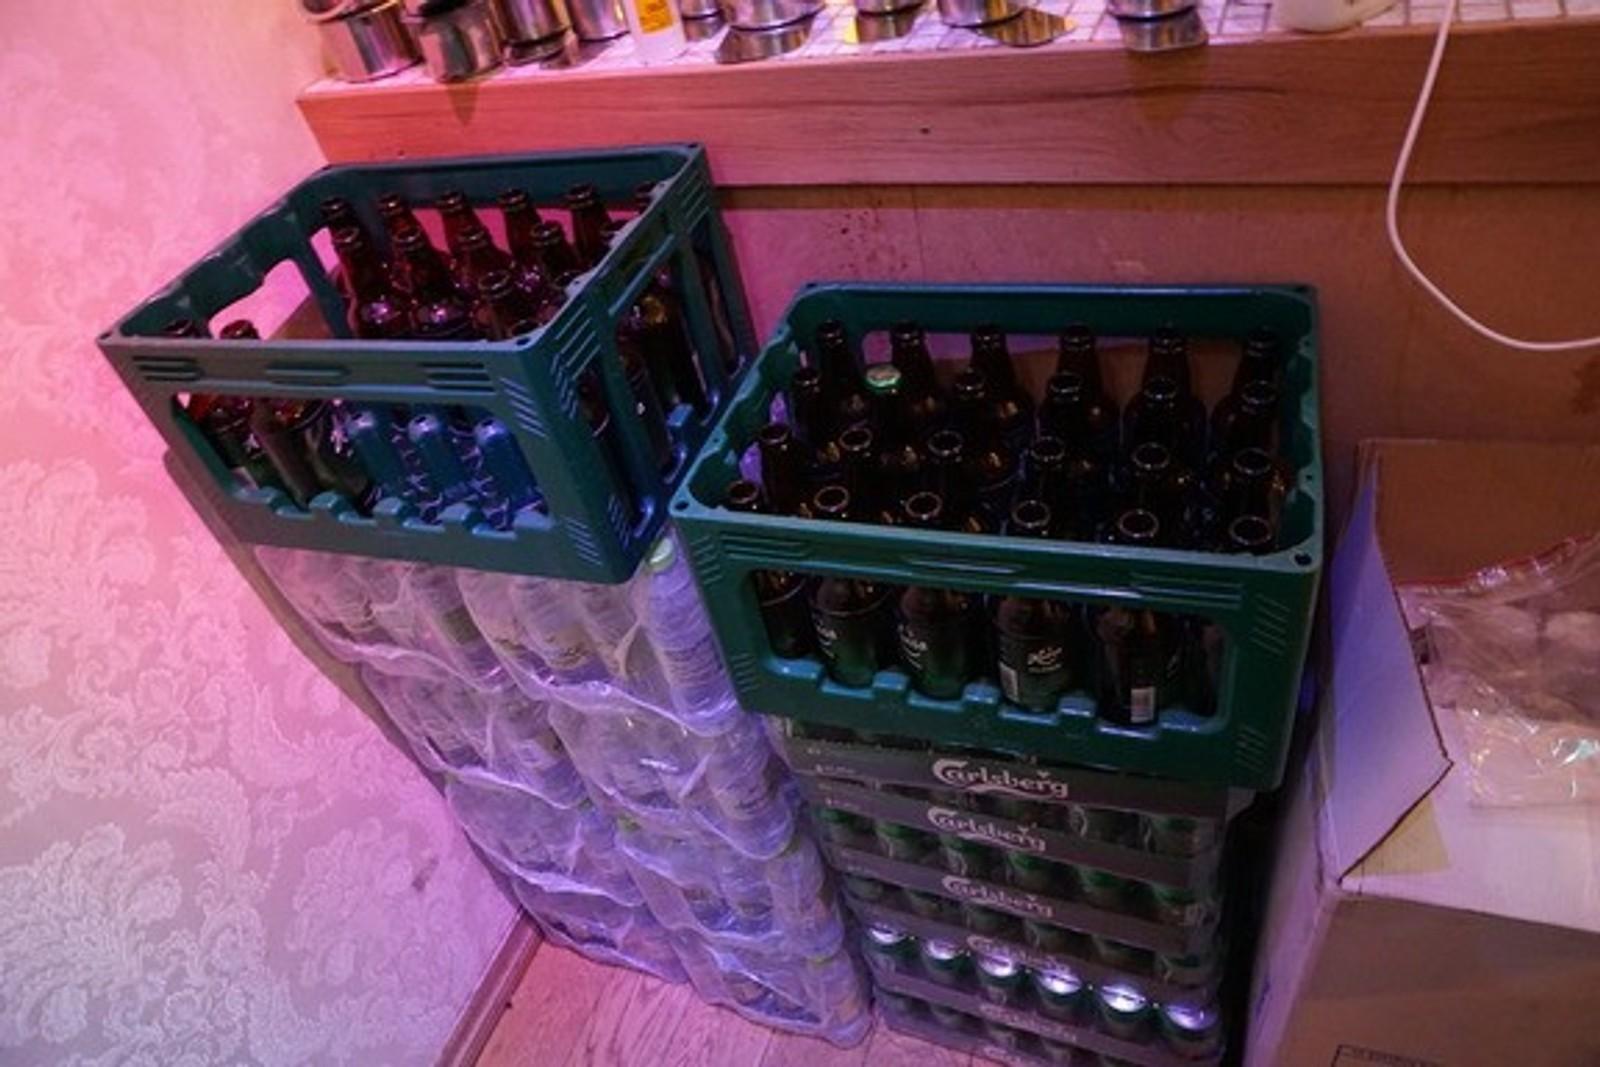 ULOVLIG SKJENKING: Skjenkekontrollørene fant kassevis med øl som skal ha vært solgt ulovlig i pokerklubben.